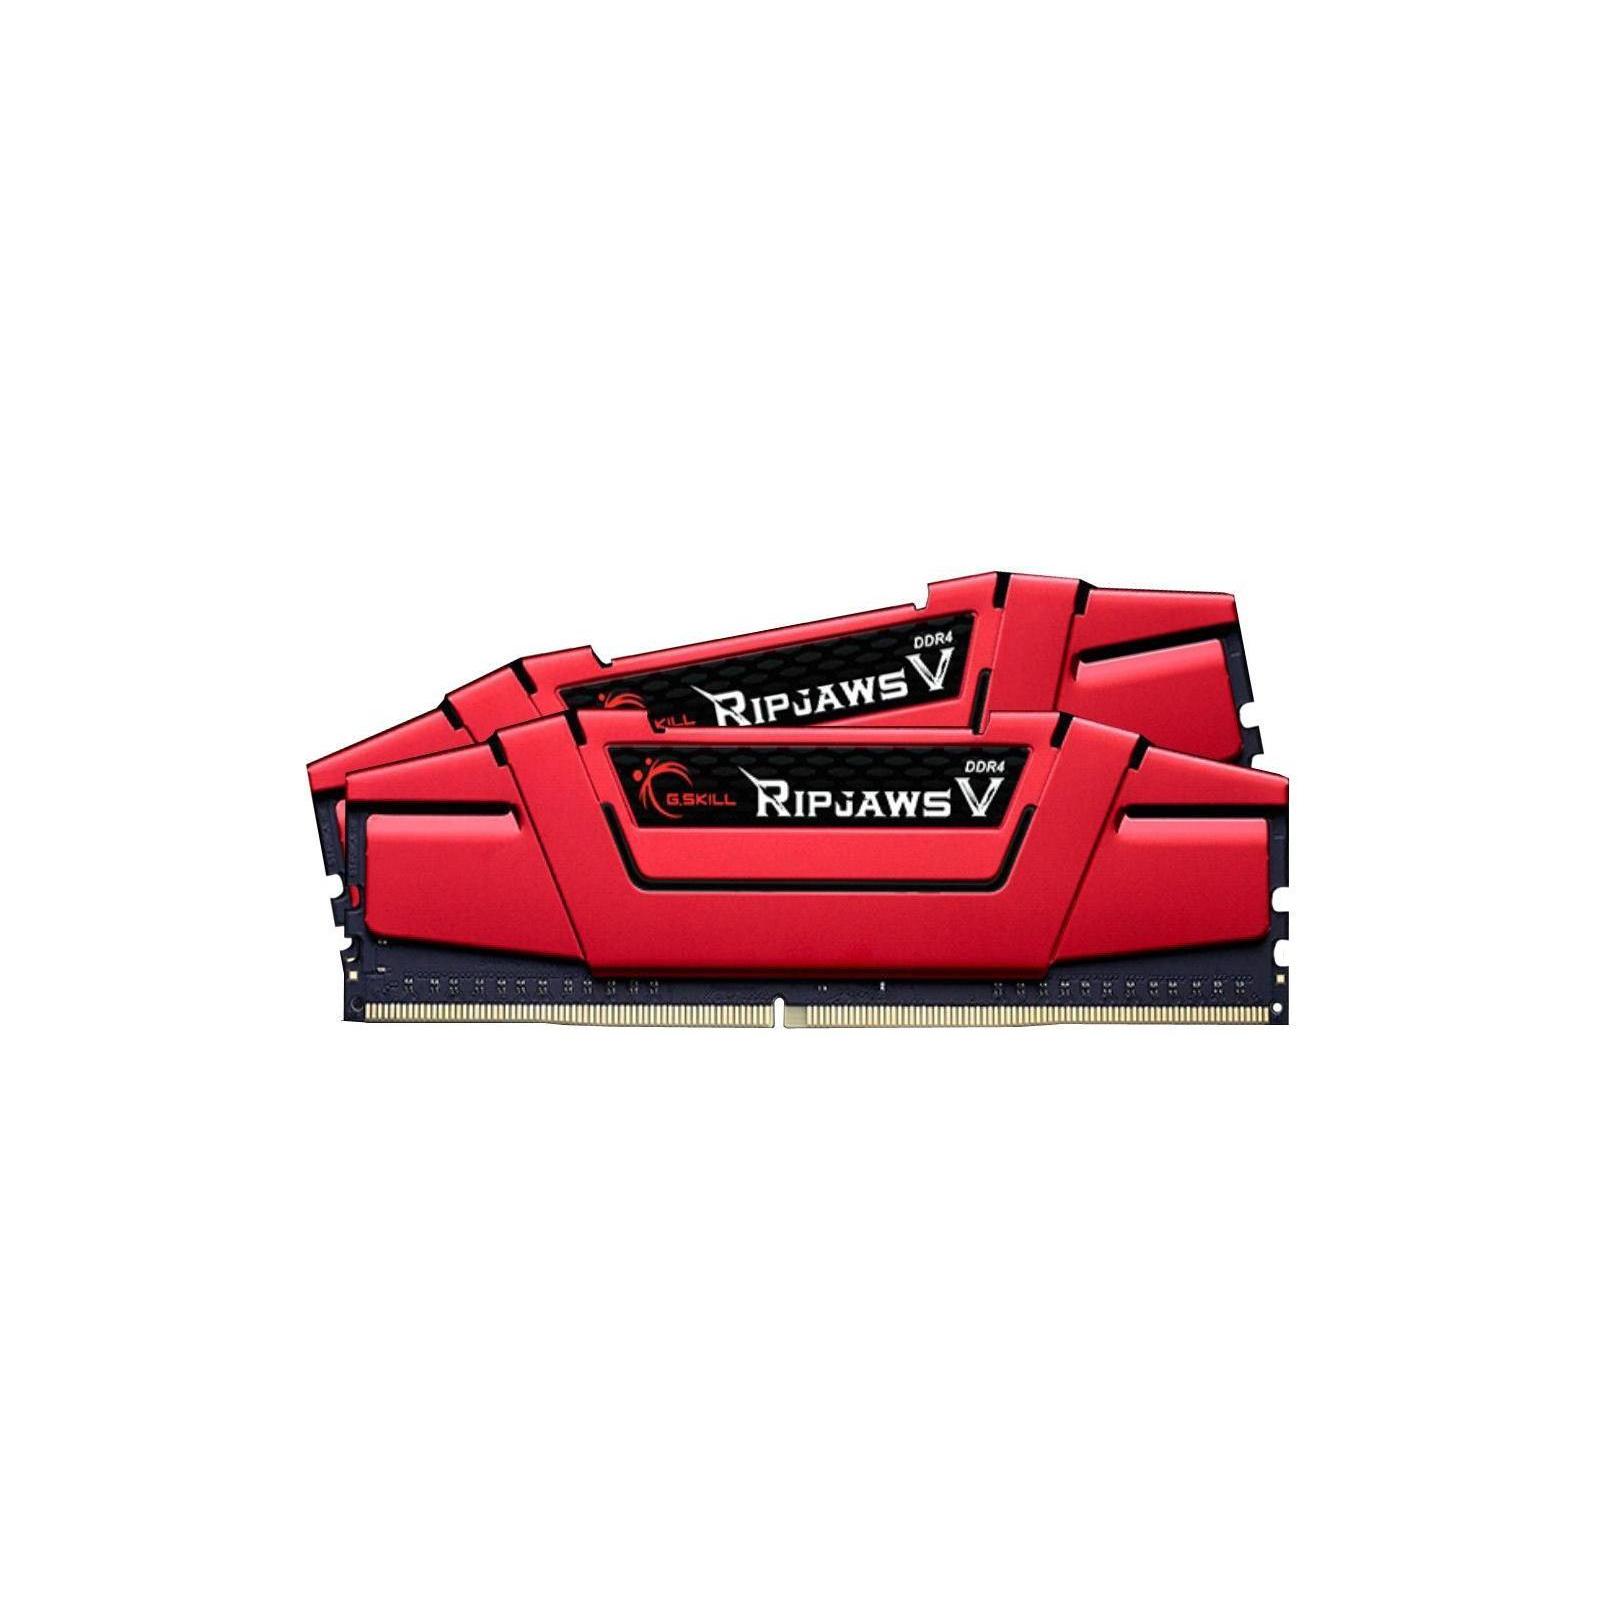 Модуль памяти для компьютера DDR4 8GB (2x4GB) 2666 MHz RIPJAWS V RED G.Skill (F4-2666C15D-8GVR) изображение 2